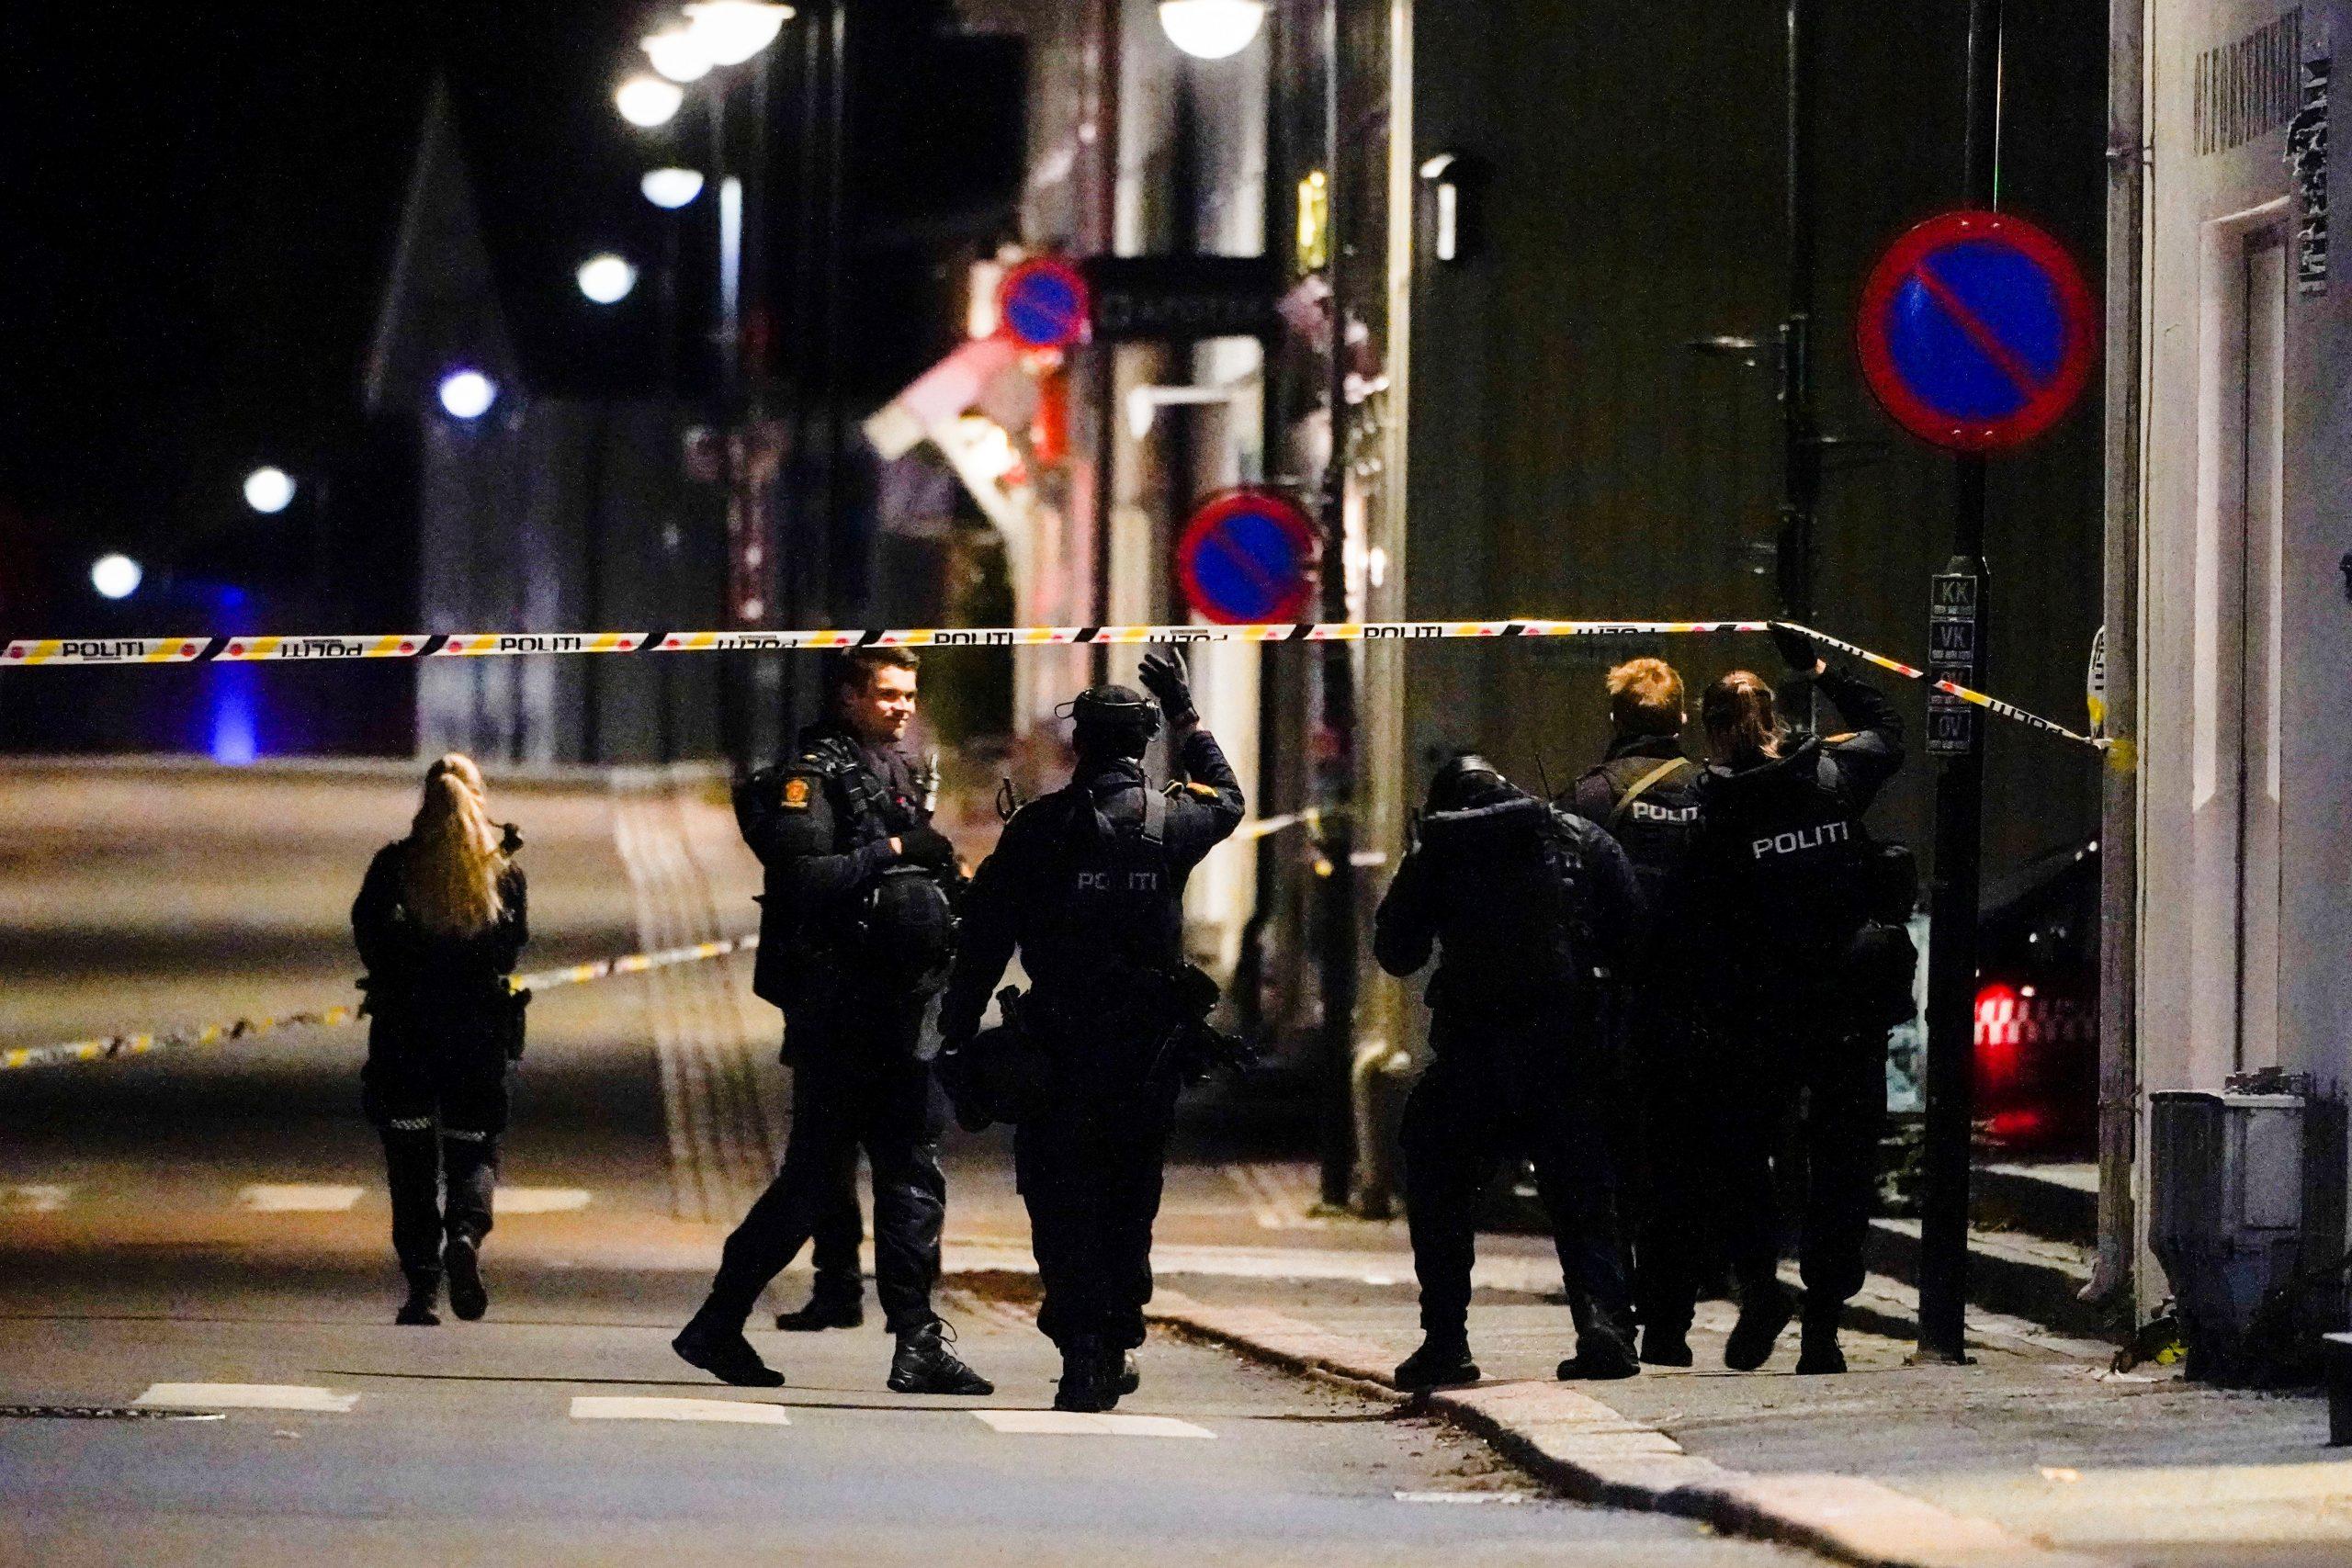 Sujeto perturbado con arco y flechas mata a varias personas y es detenido - Prensa Libre